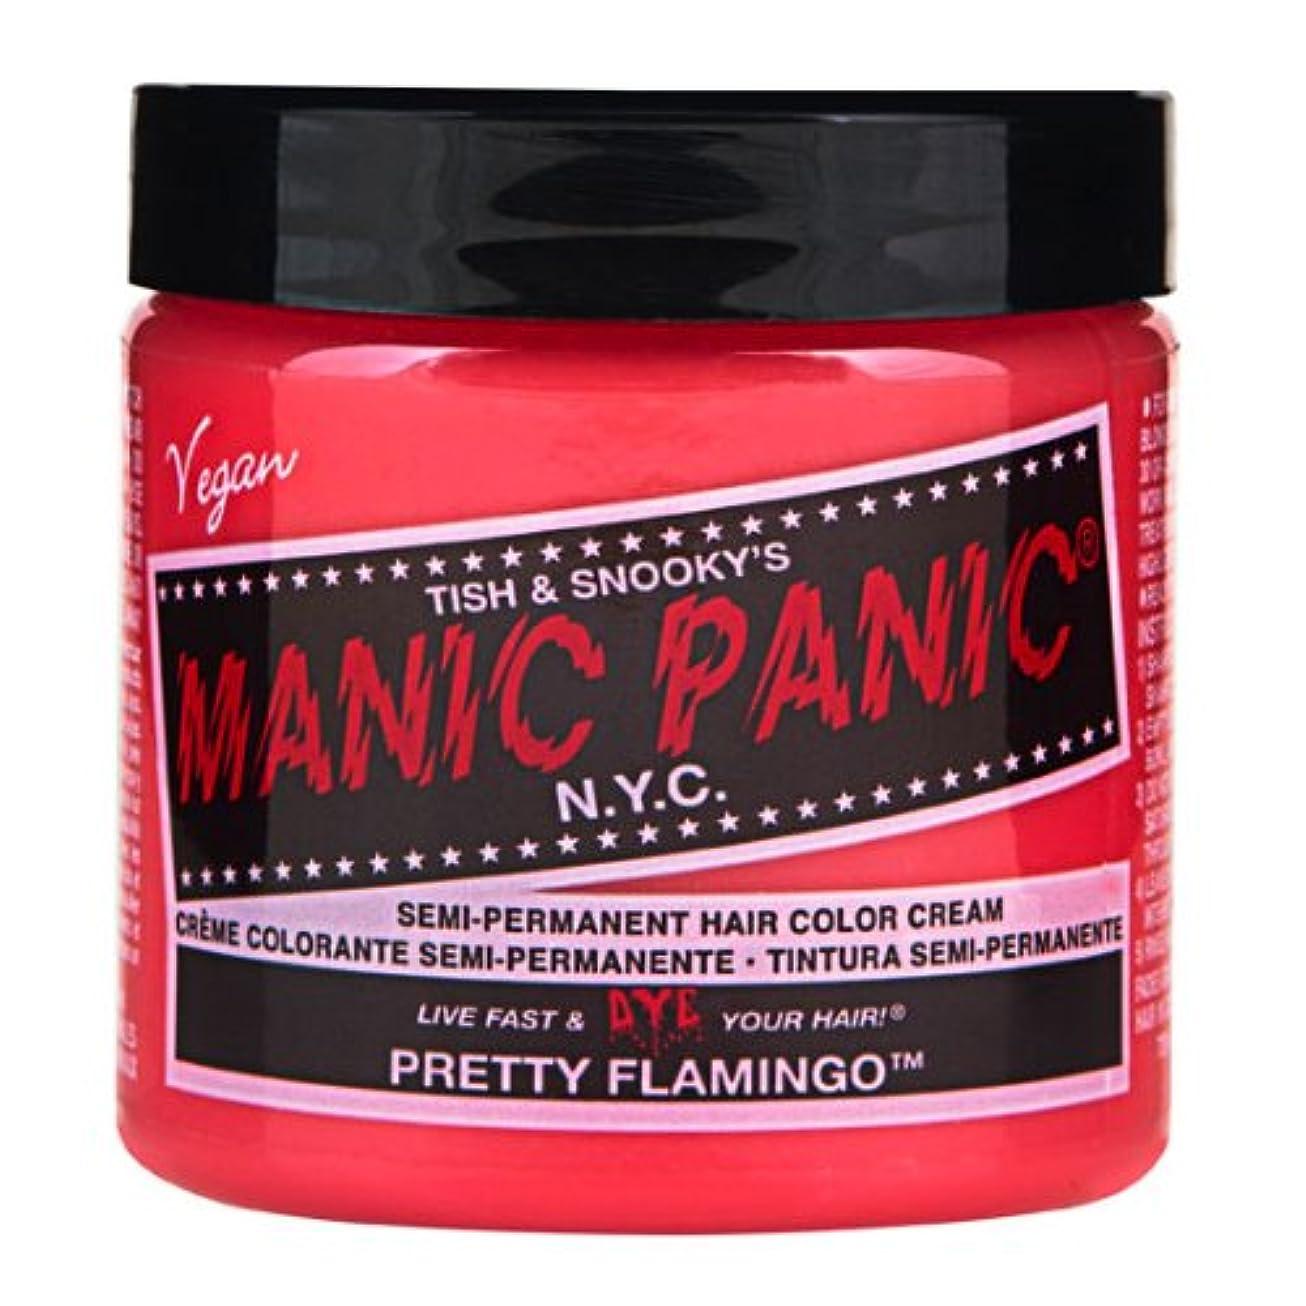 スペシャルセットMANIC PANICマニックパニック:Pretty Flamingo (プリティーフラミンゴ)+ヘアカラーケア4点セット